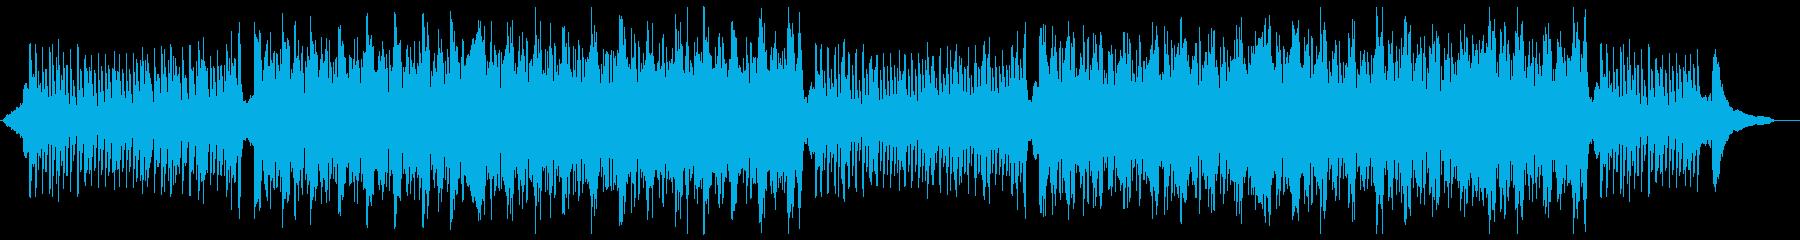 知的なピアノバイオリン:メロディ抜の再生済みの波形